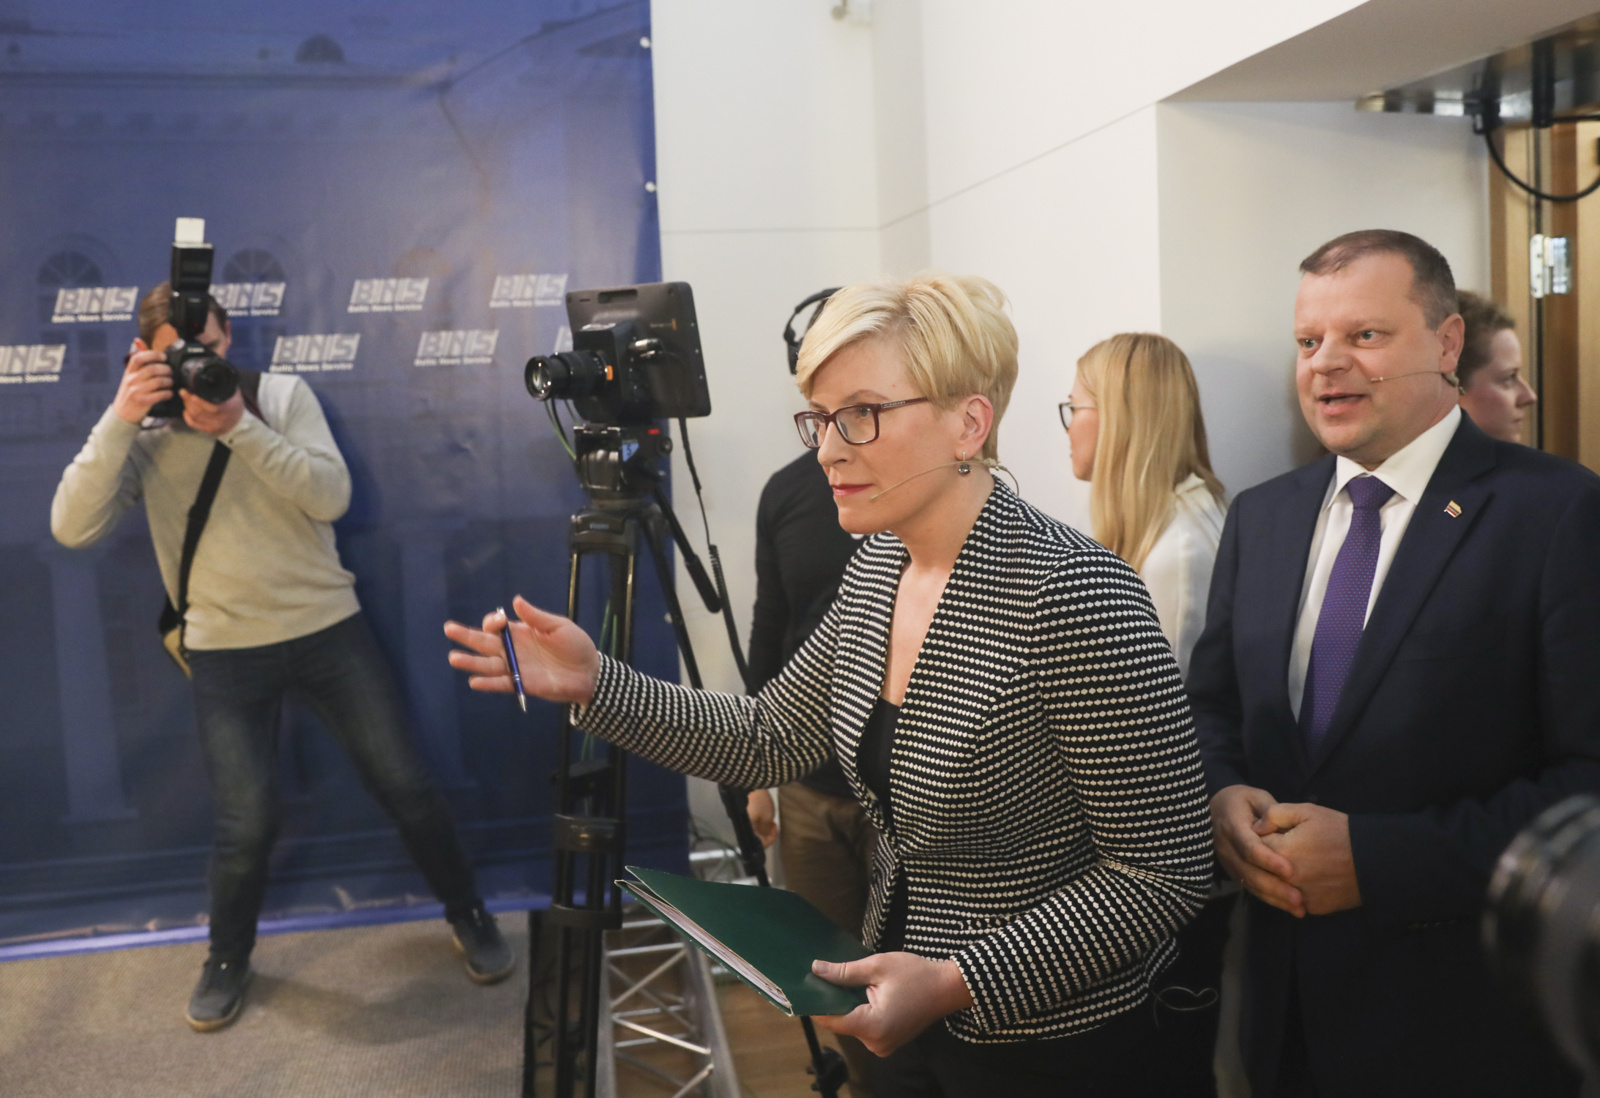 Prezidentinių lyderių nuomonės dėl vizito į Rusiją išsiskyrė: I. Šimonytė su V. Putinu nesusitiktų, S. Skvernelis - elgtųsi priešingai